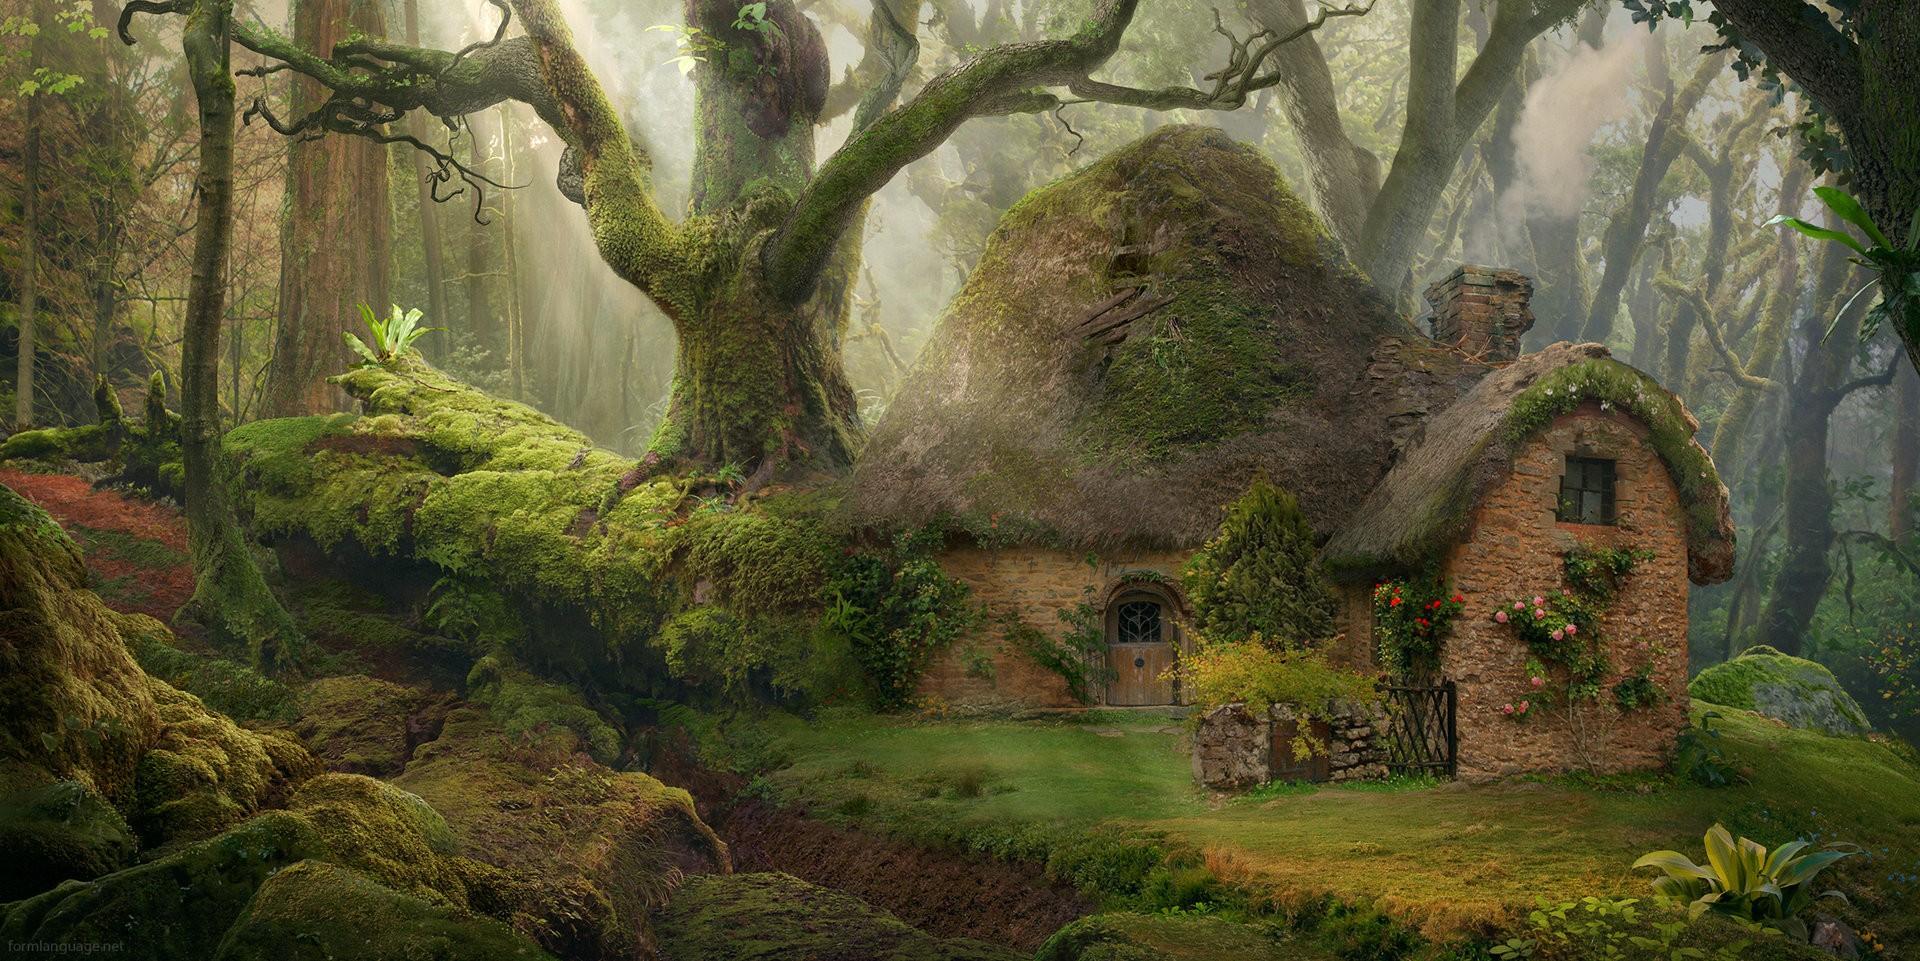 Картинки сказочного домика в сказочном лесу